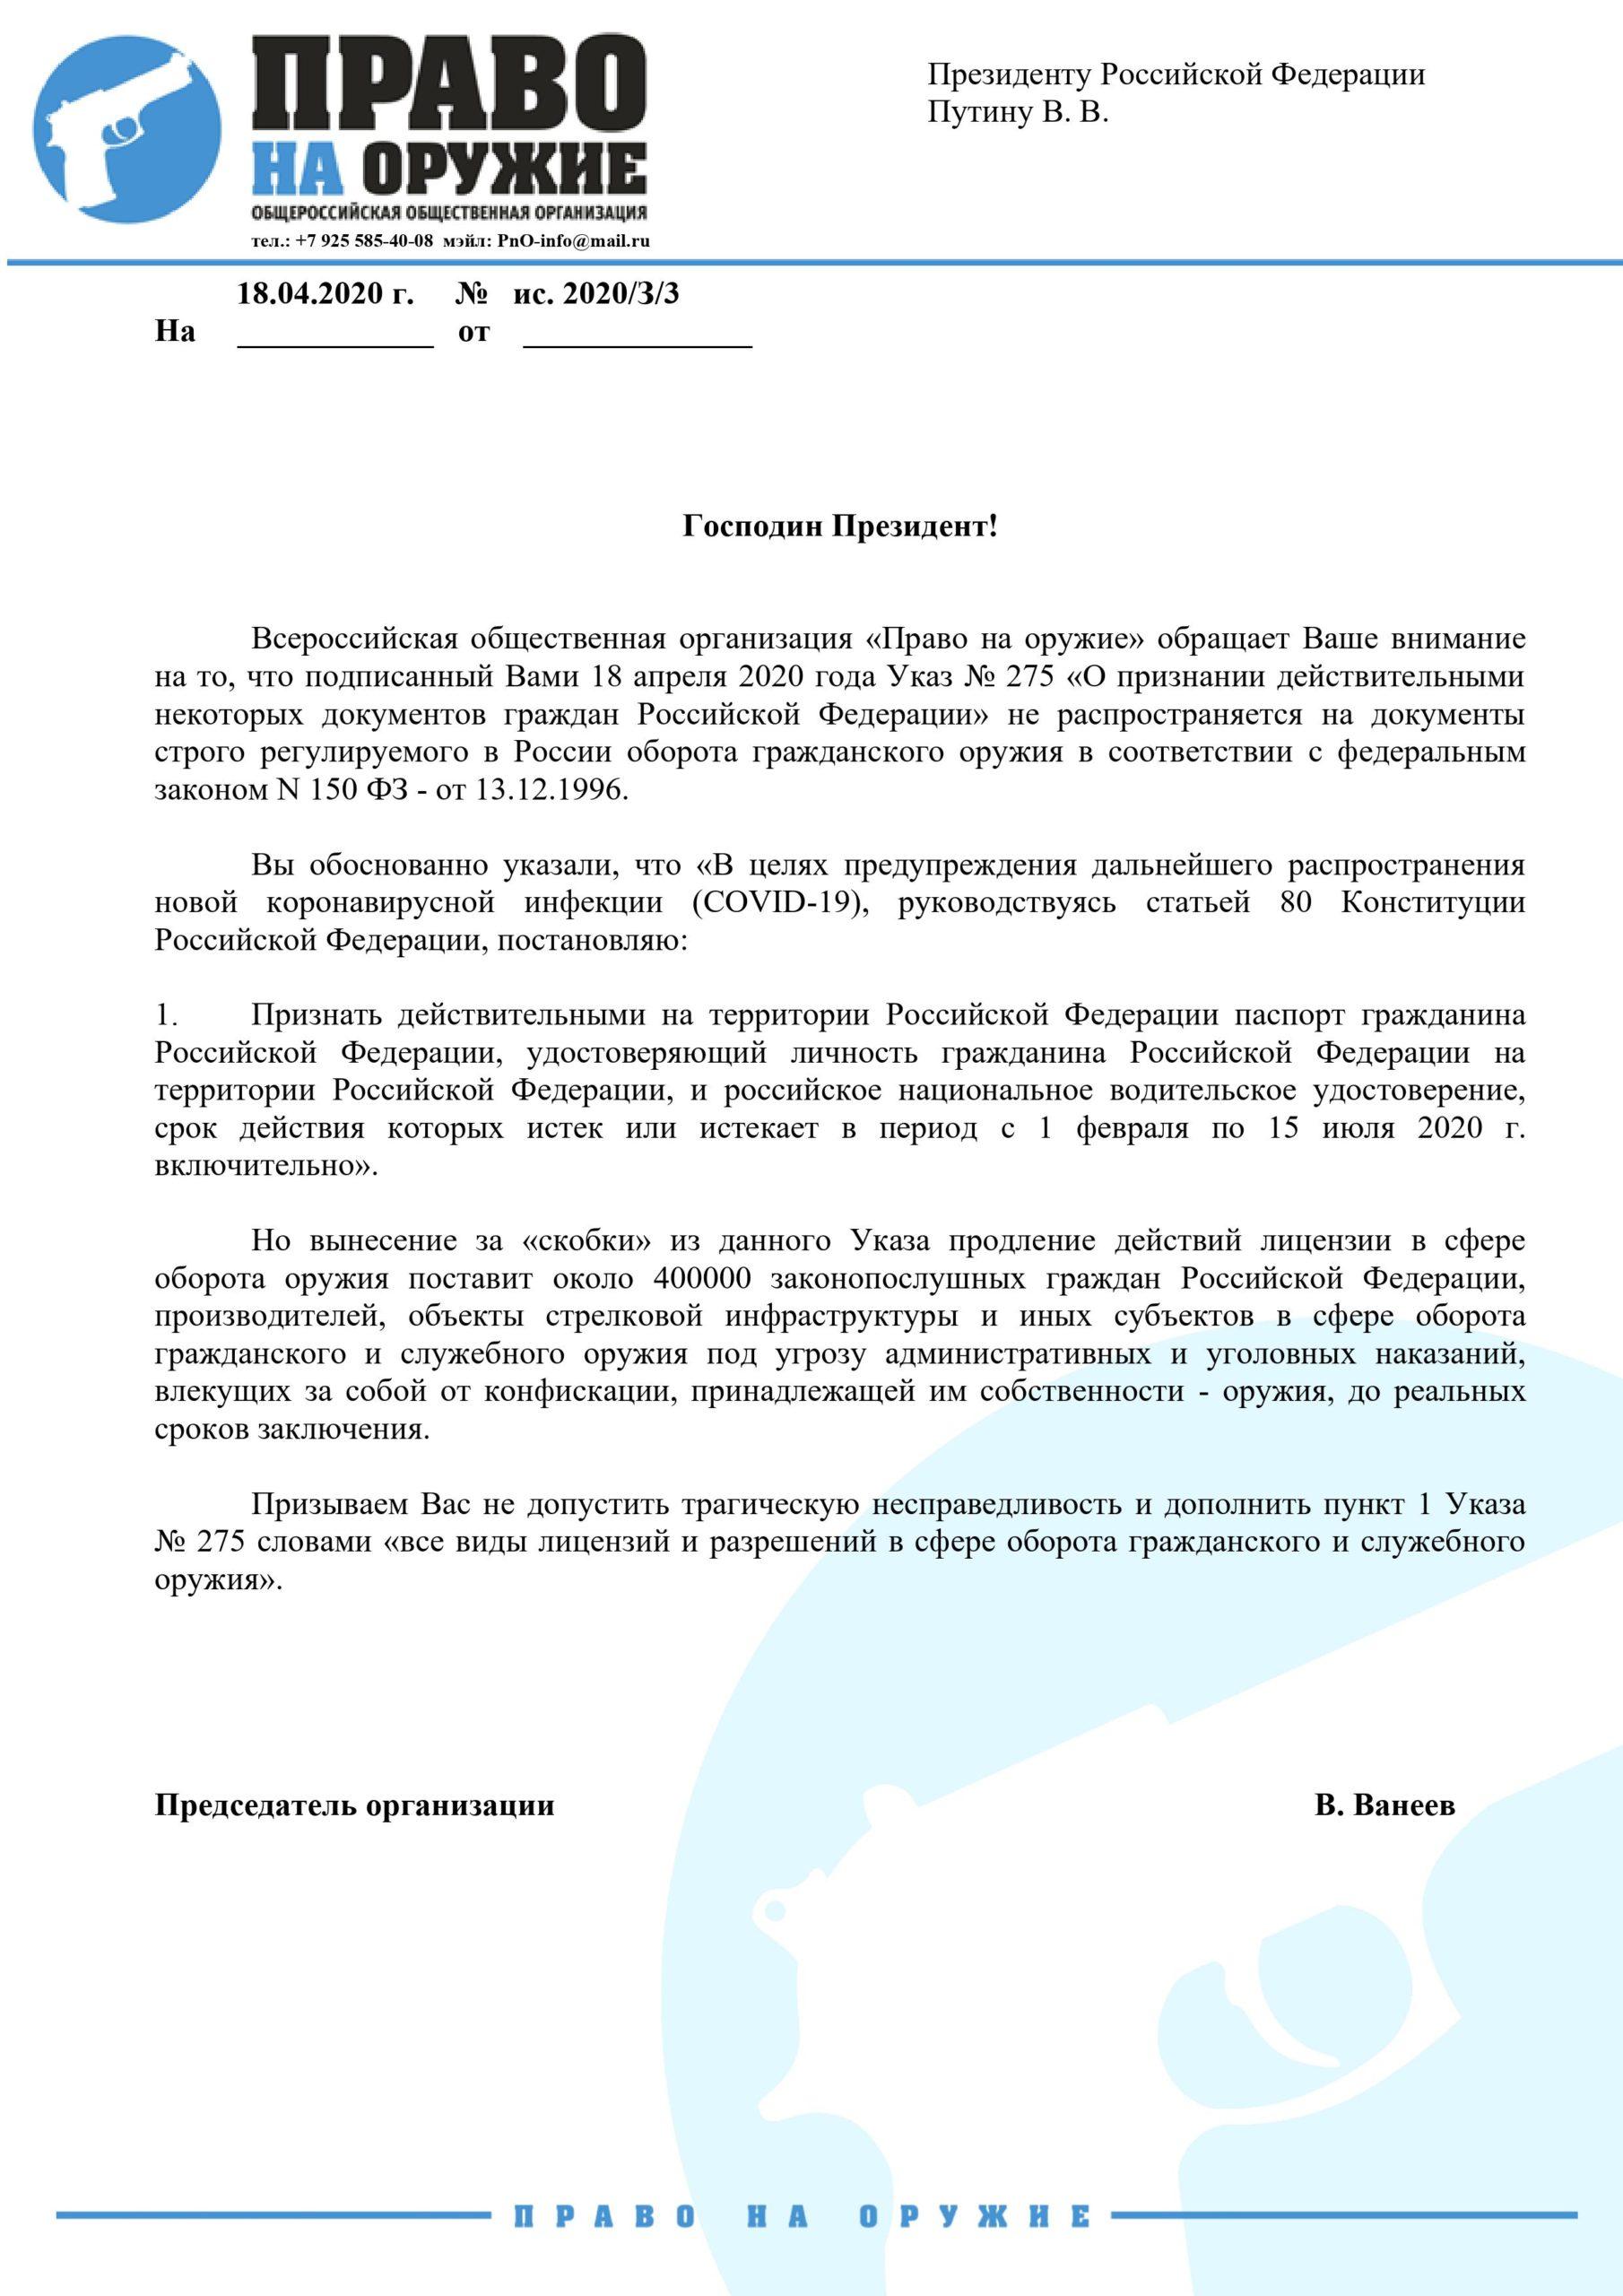 Президенту о внесении поправок в Указ 275 лицензий